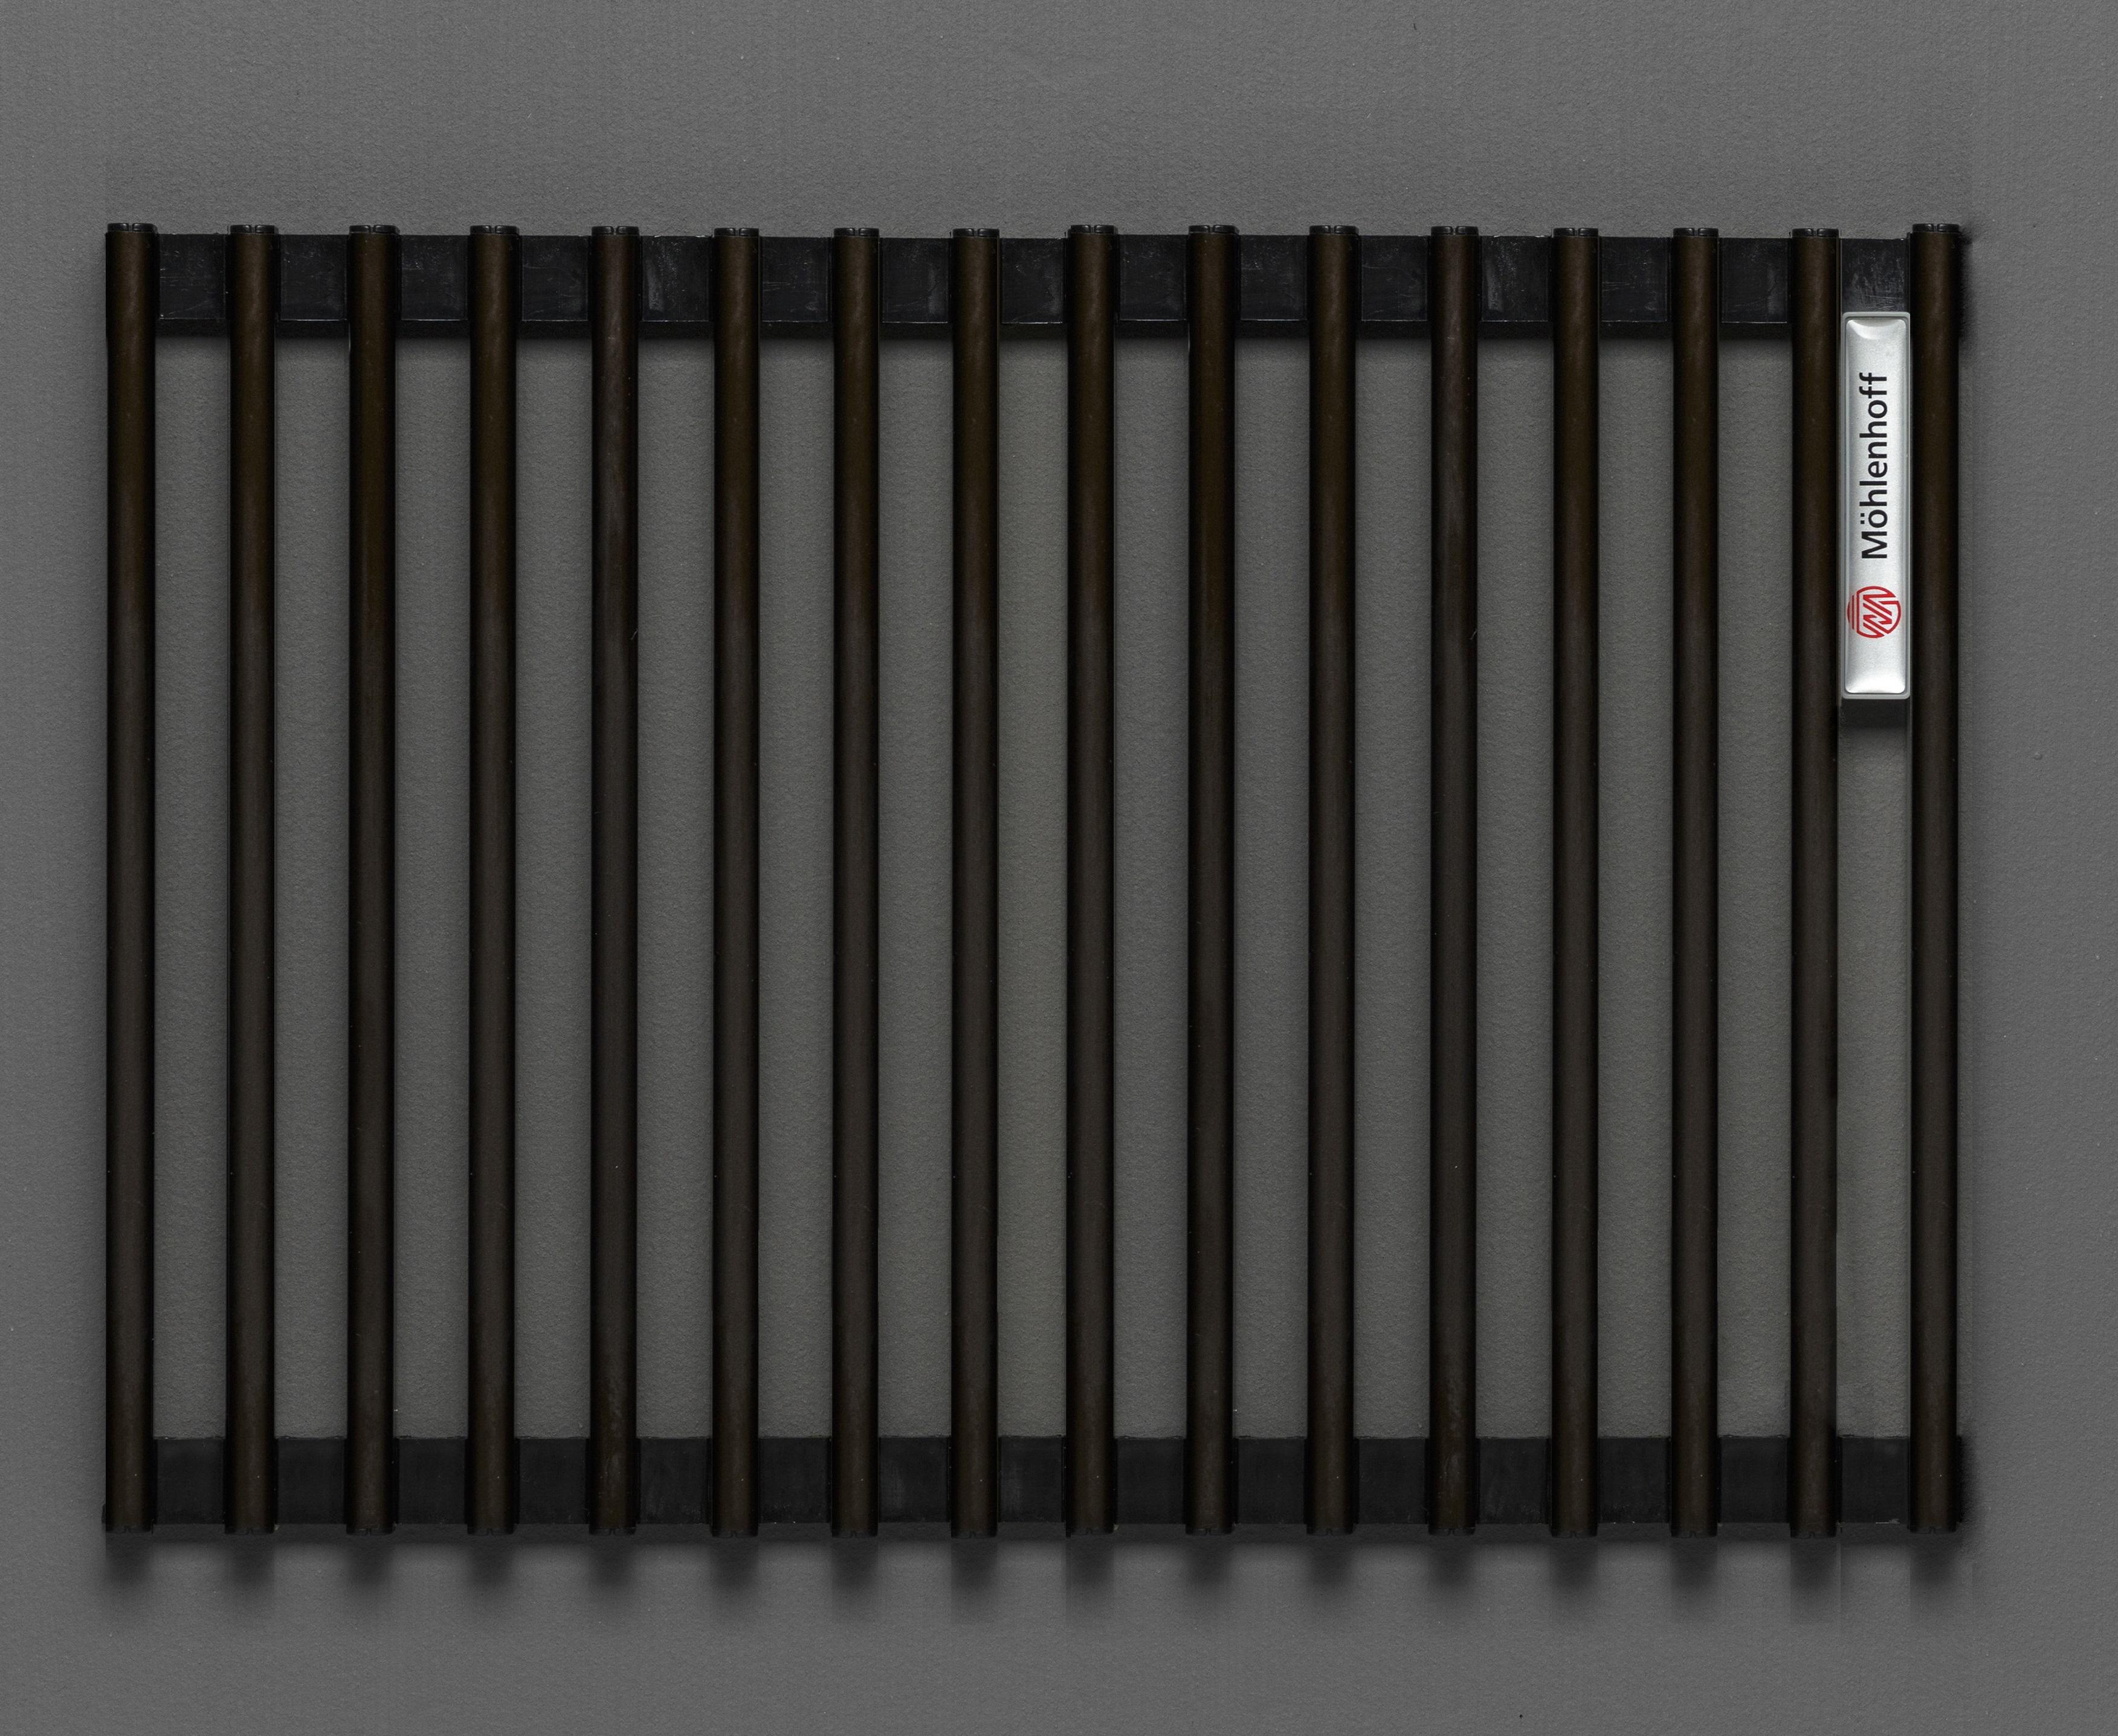 Купить Декоративная решётка Mohlenhoff темная бронза, шириной 410 мм 1 пог. м, Россия